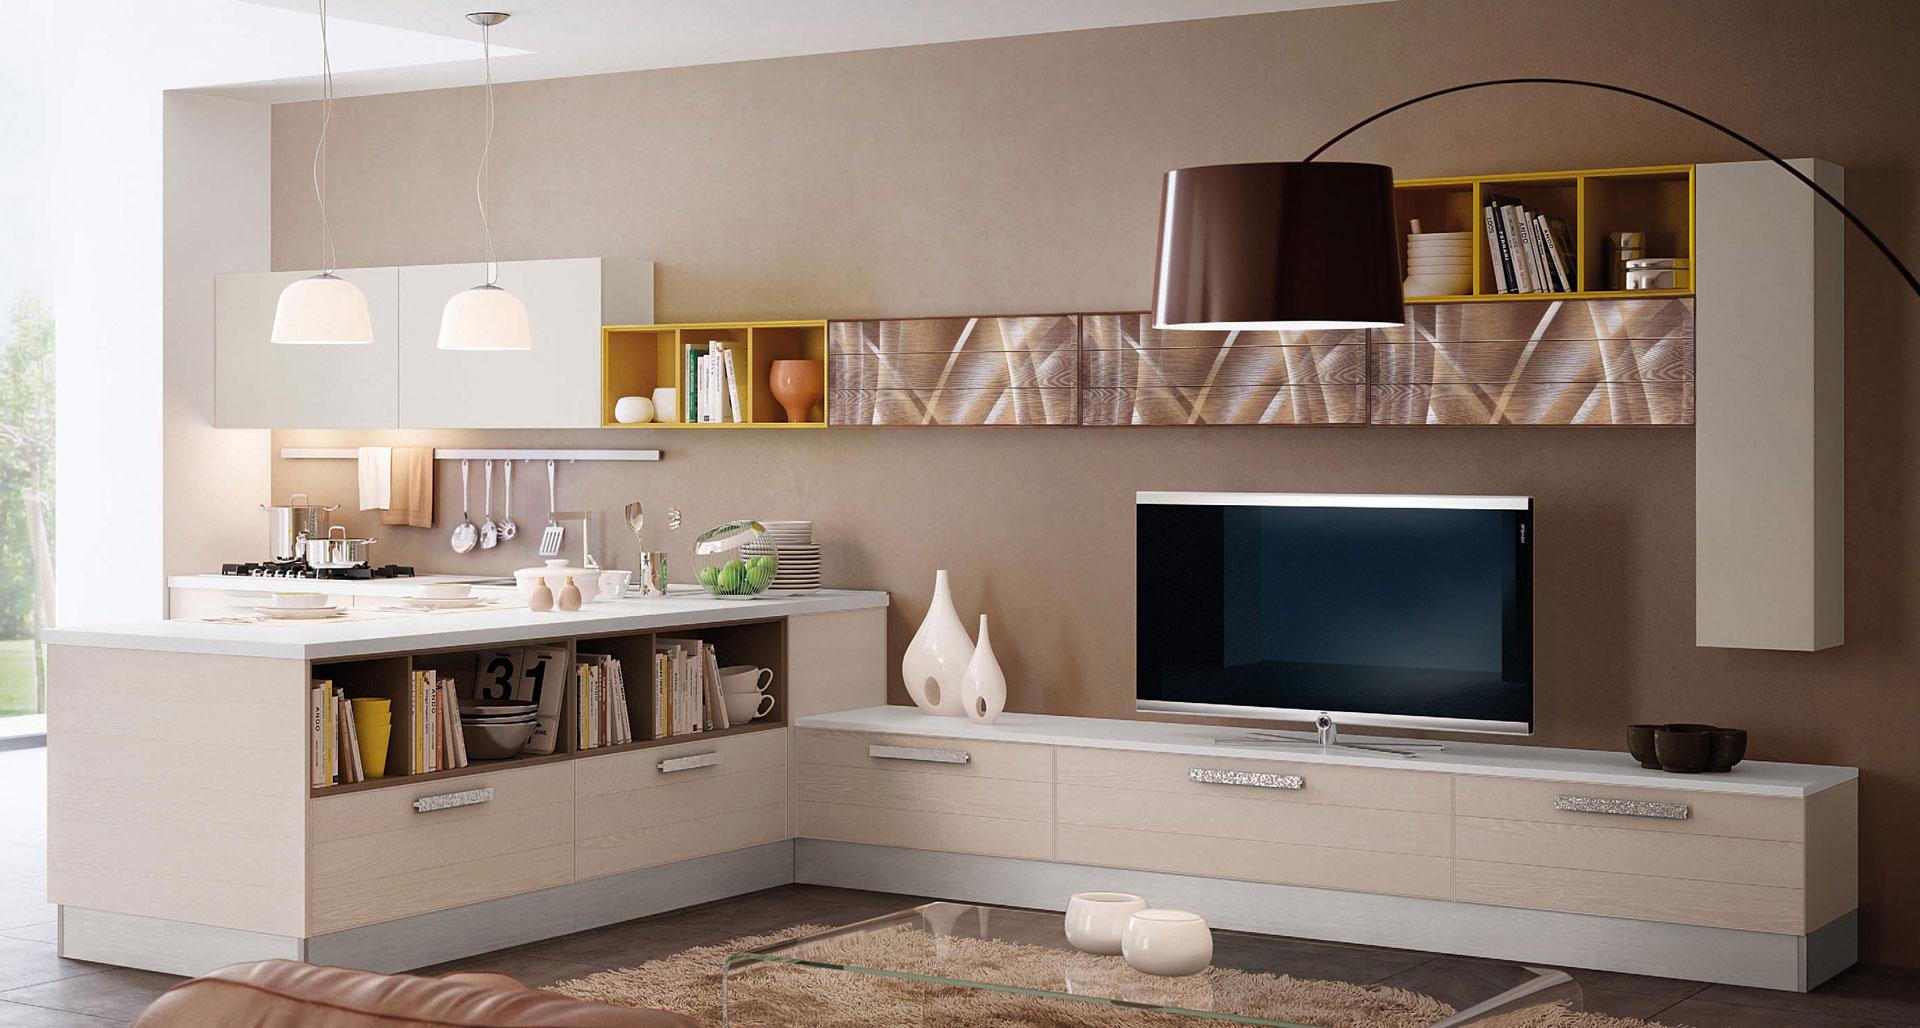 stunning costo cucina lube contemporary - ameripest.us - ameripest.us - Costo Soggiorno Lube